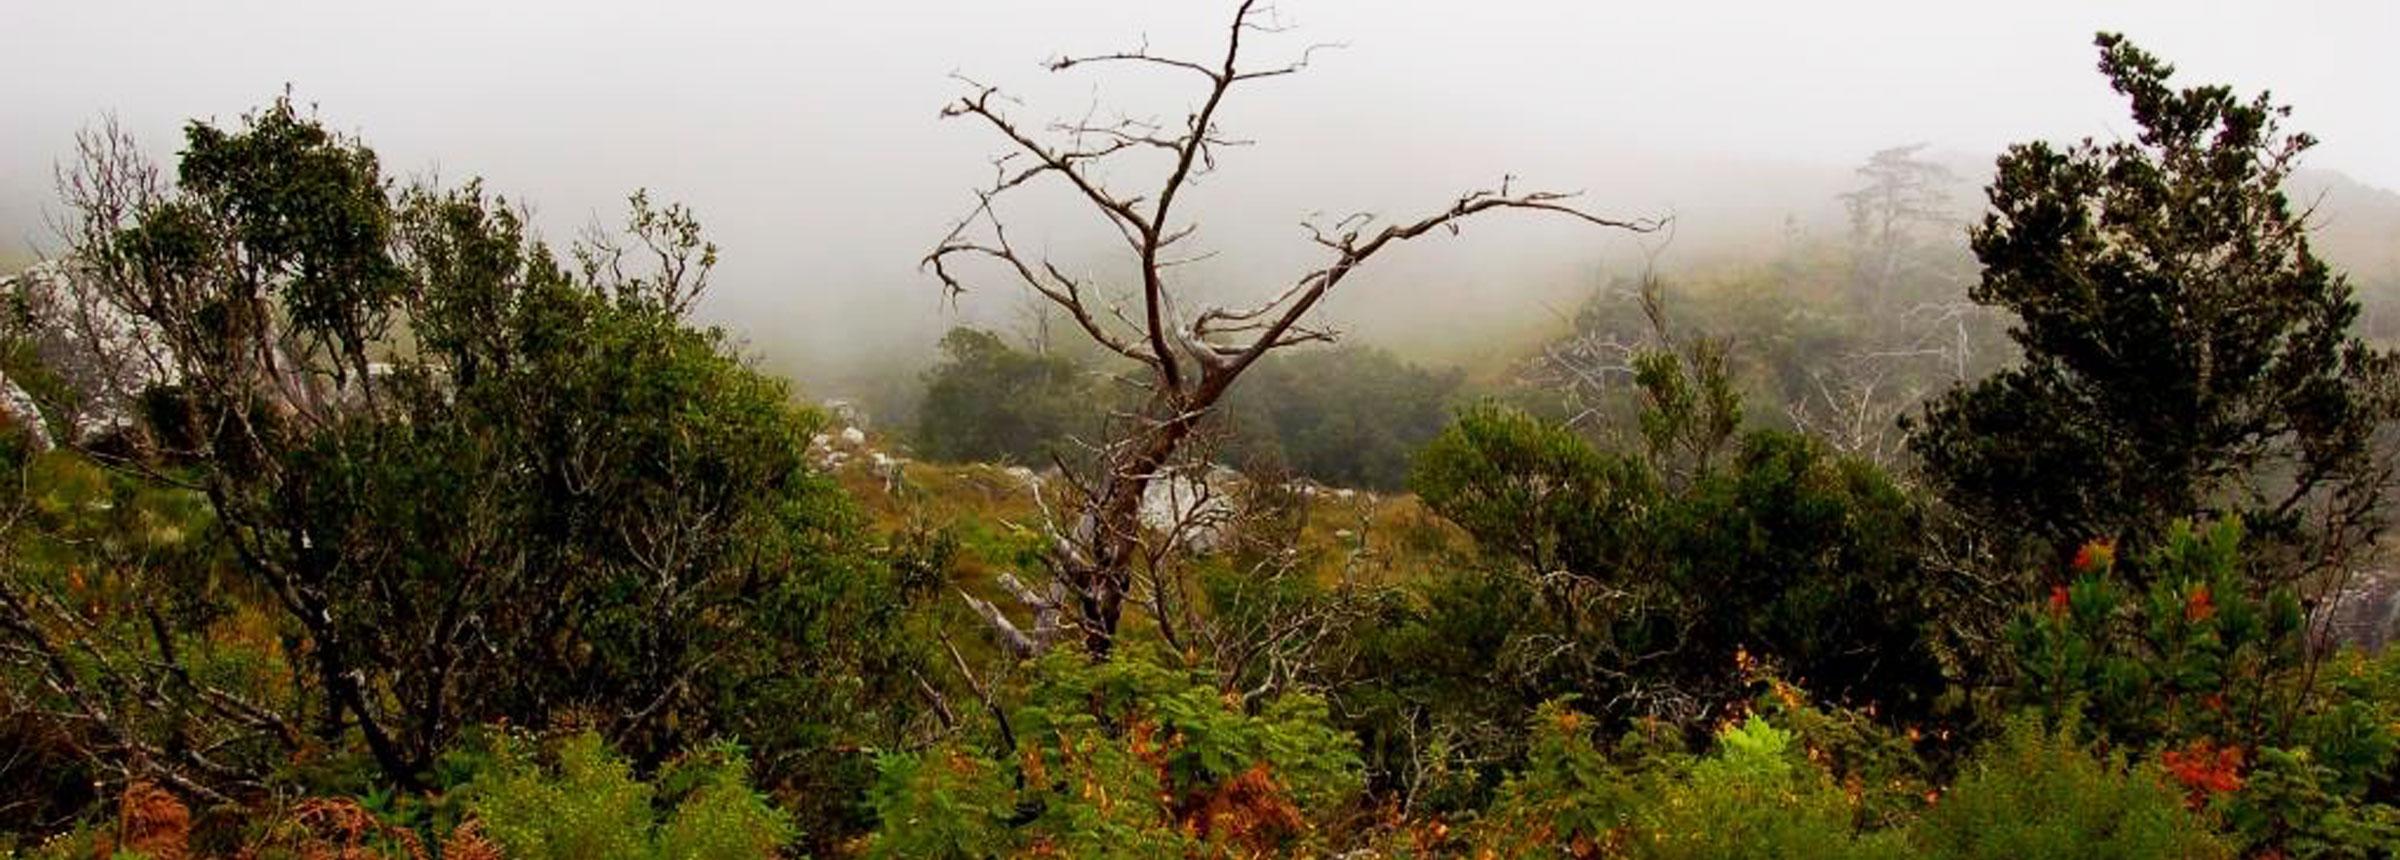 Malawi forest